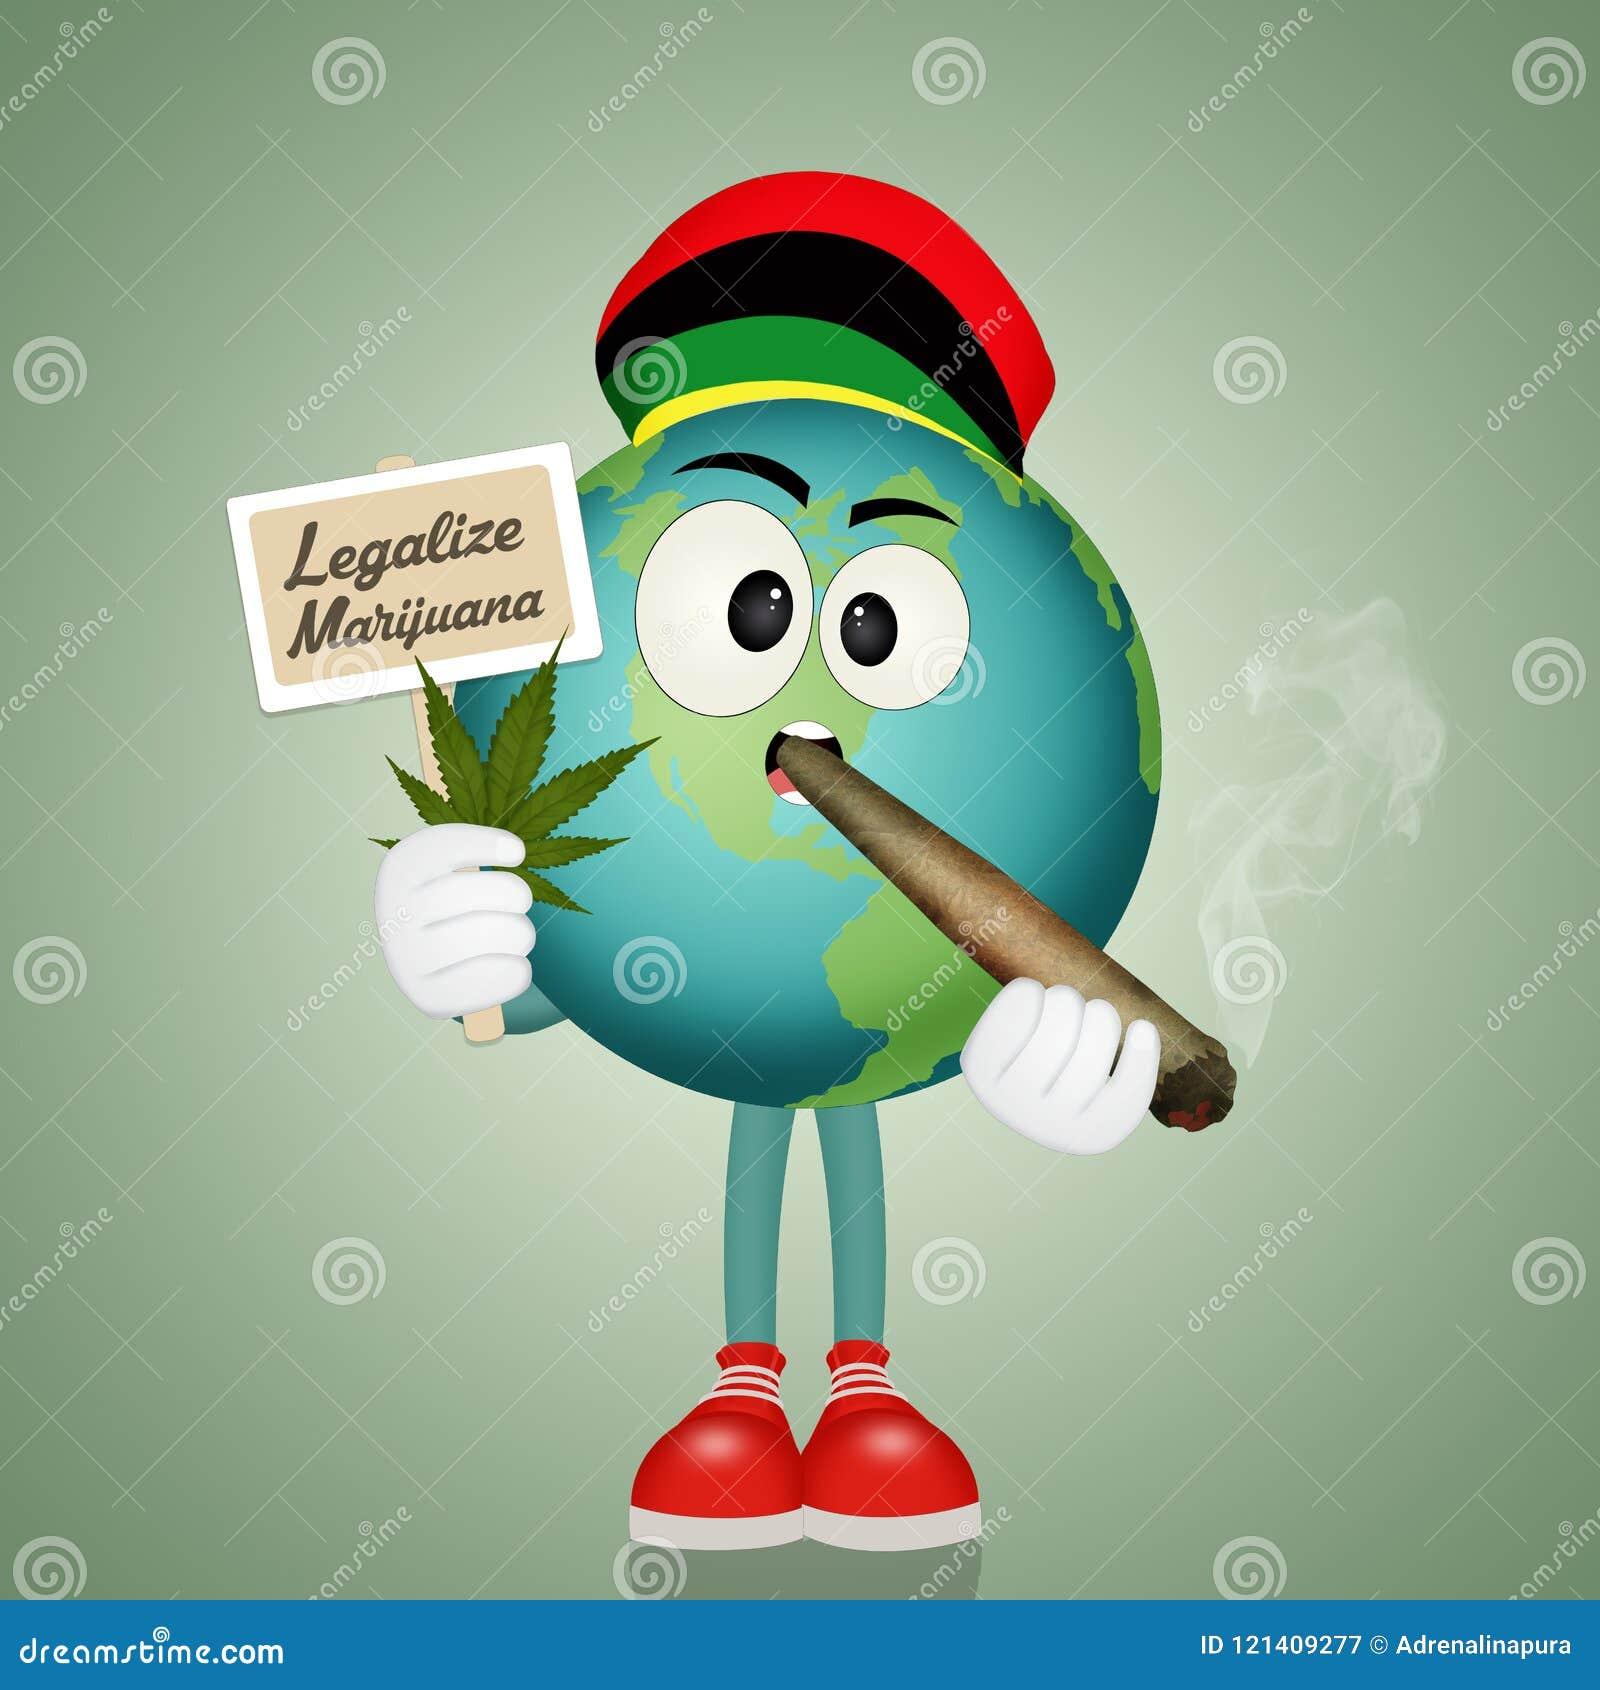 Legalice la marijuana en el mundo